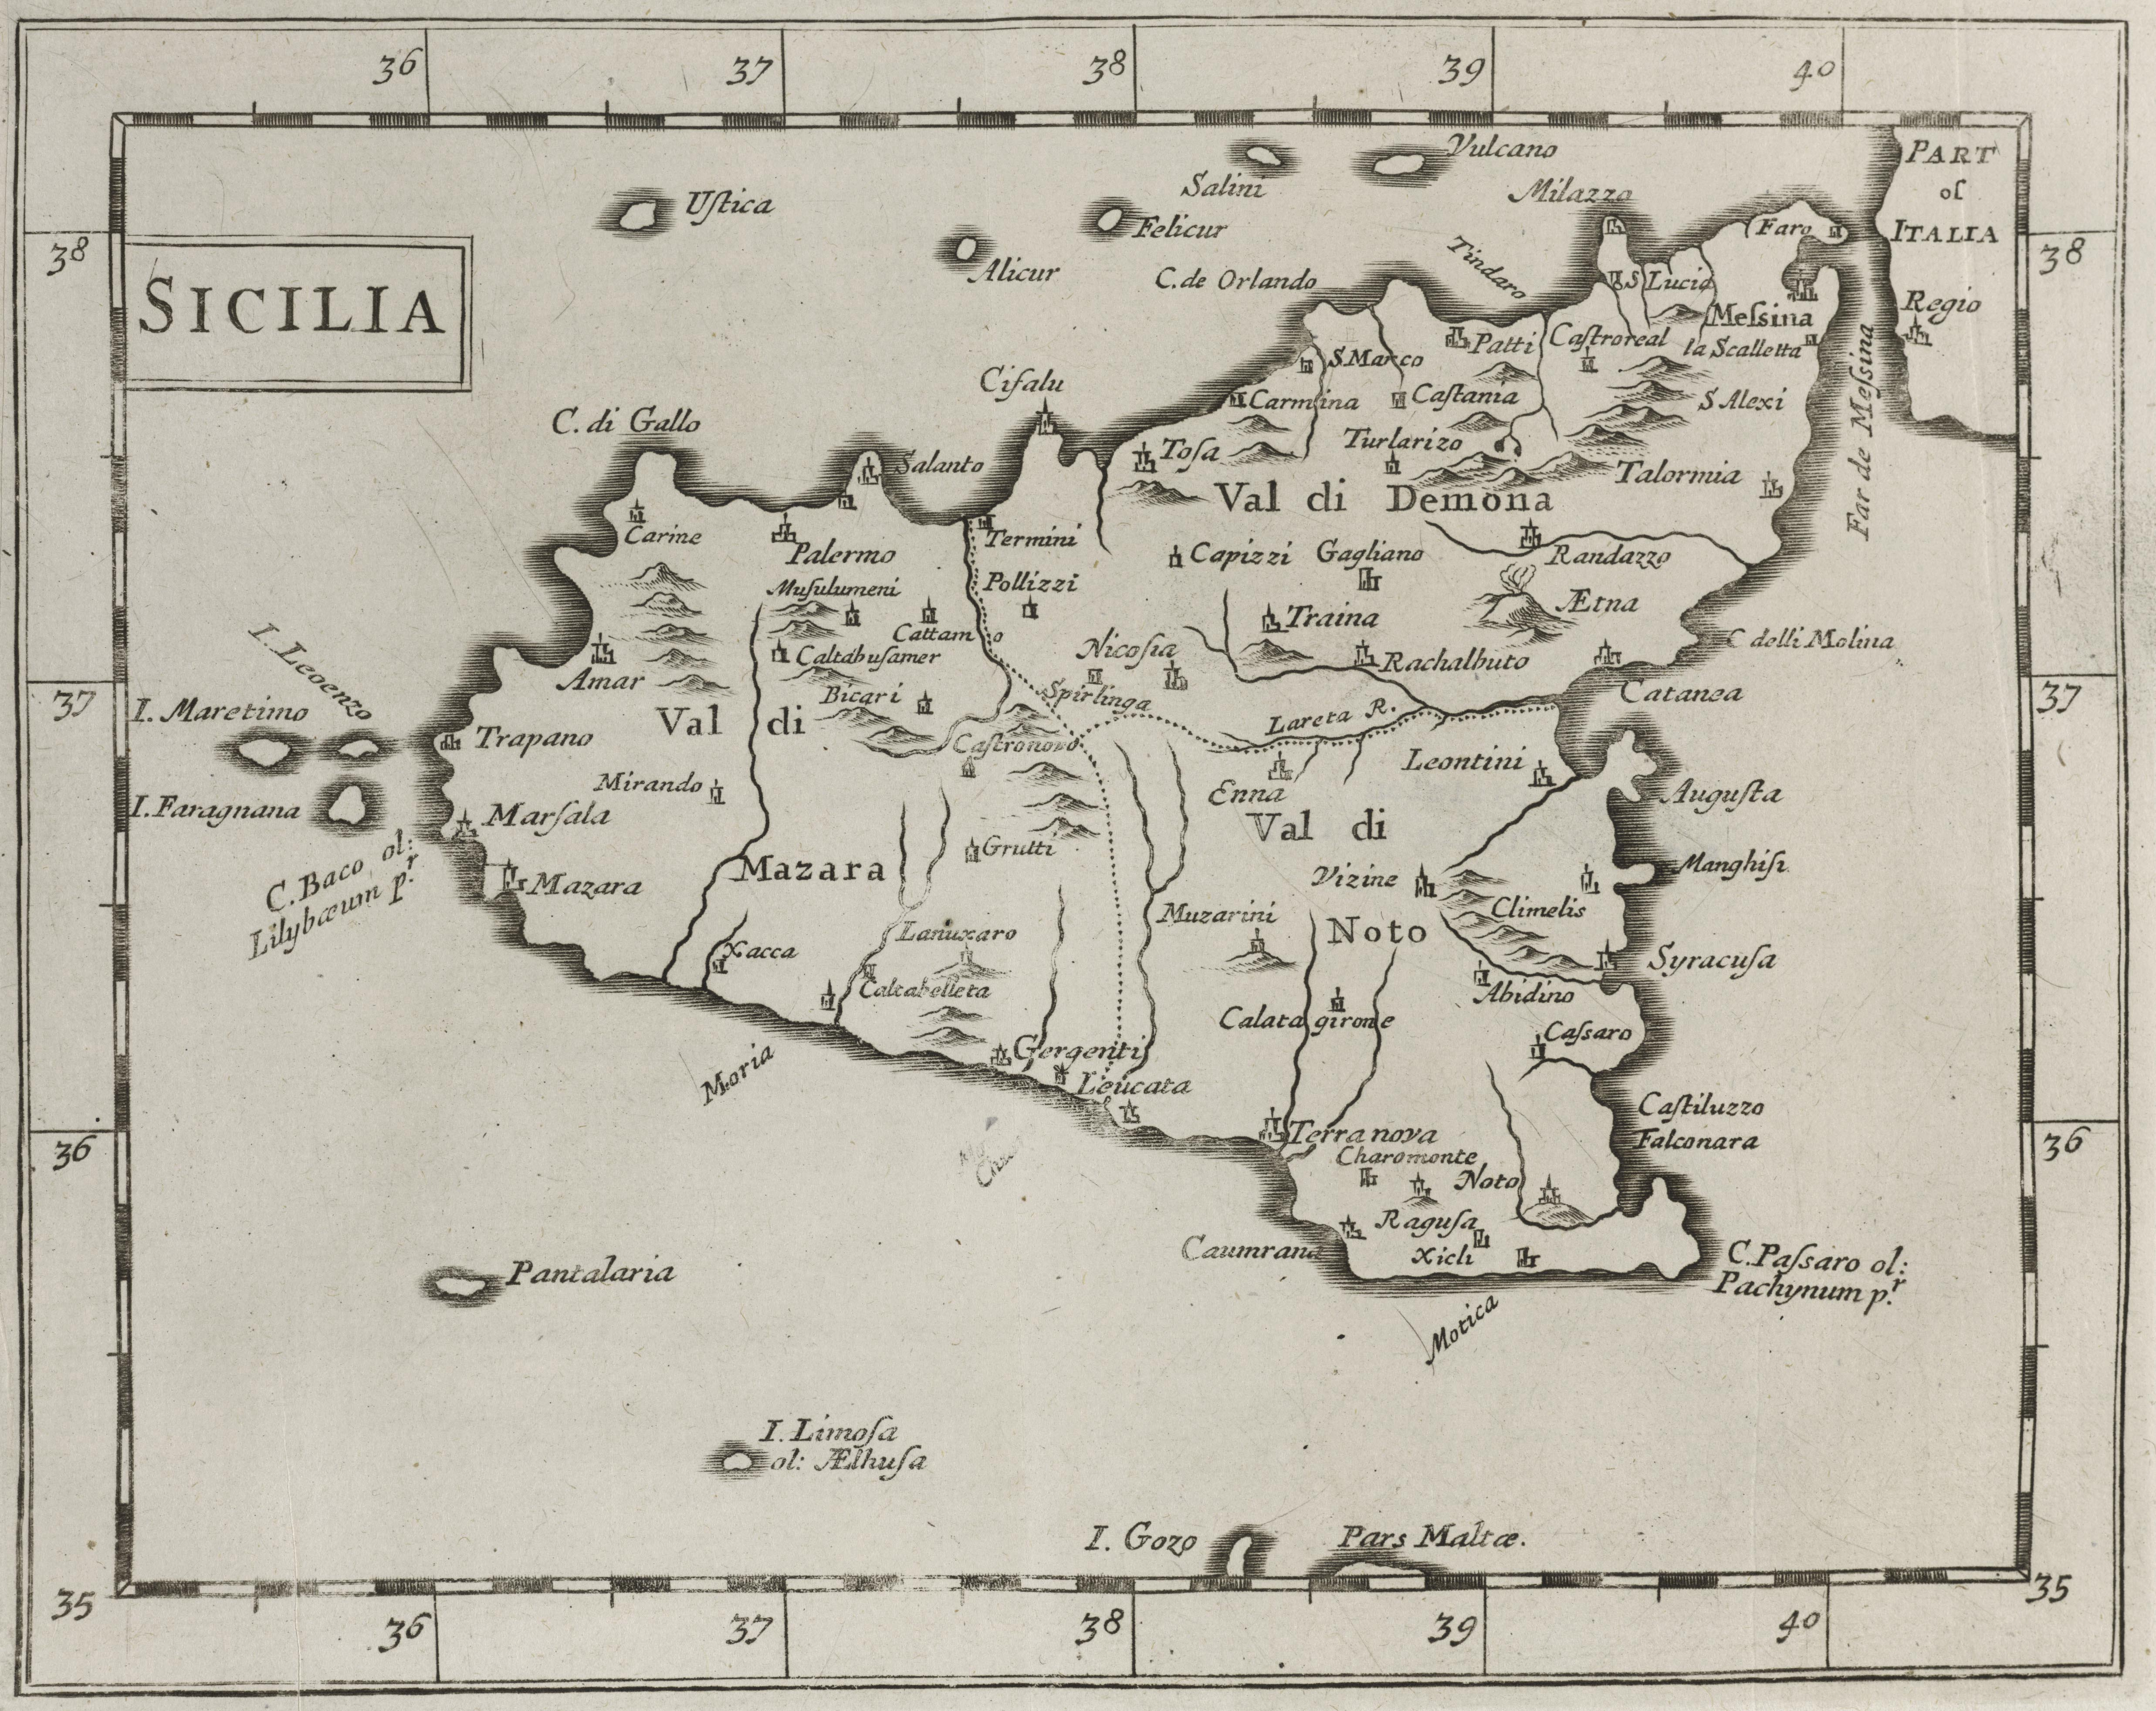 altra foto Sicilia